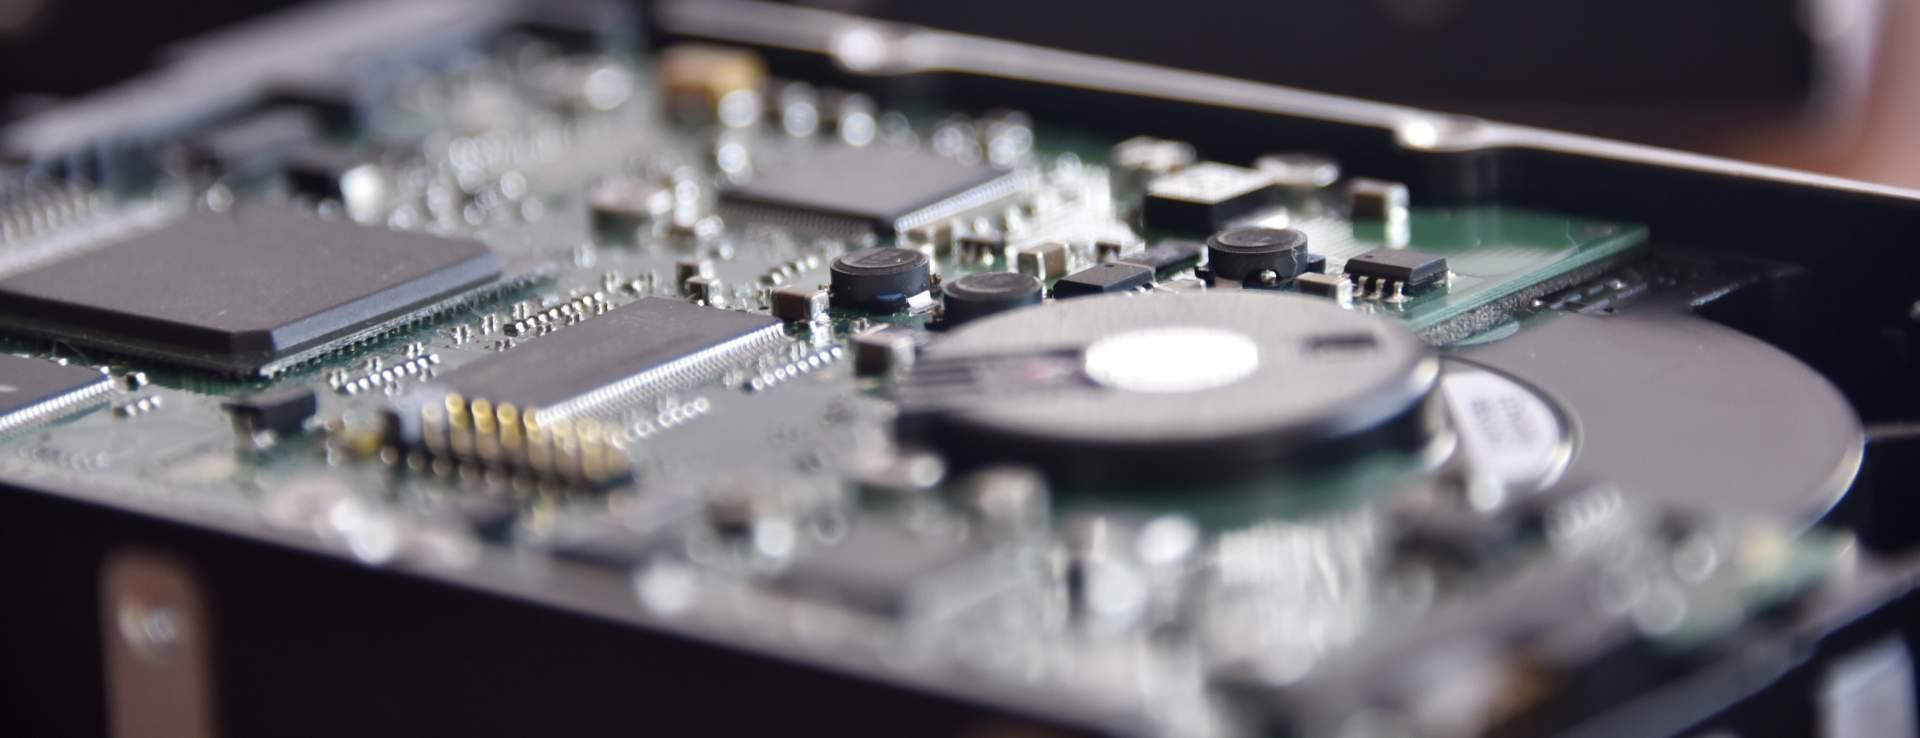 Installation, maintenance informatique et réparation d'ordinateur à Saint-Affrique